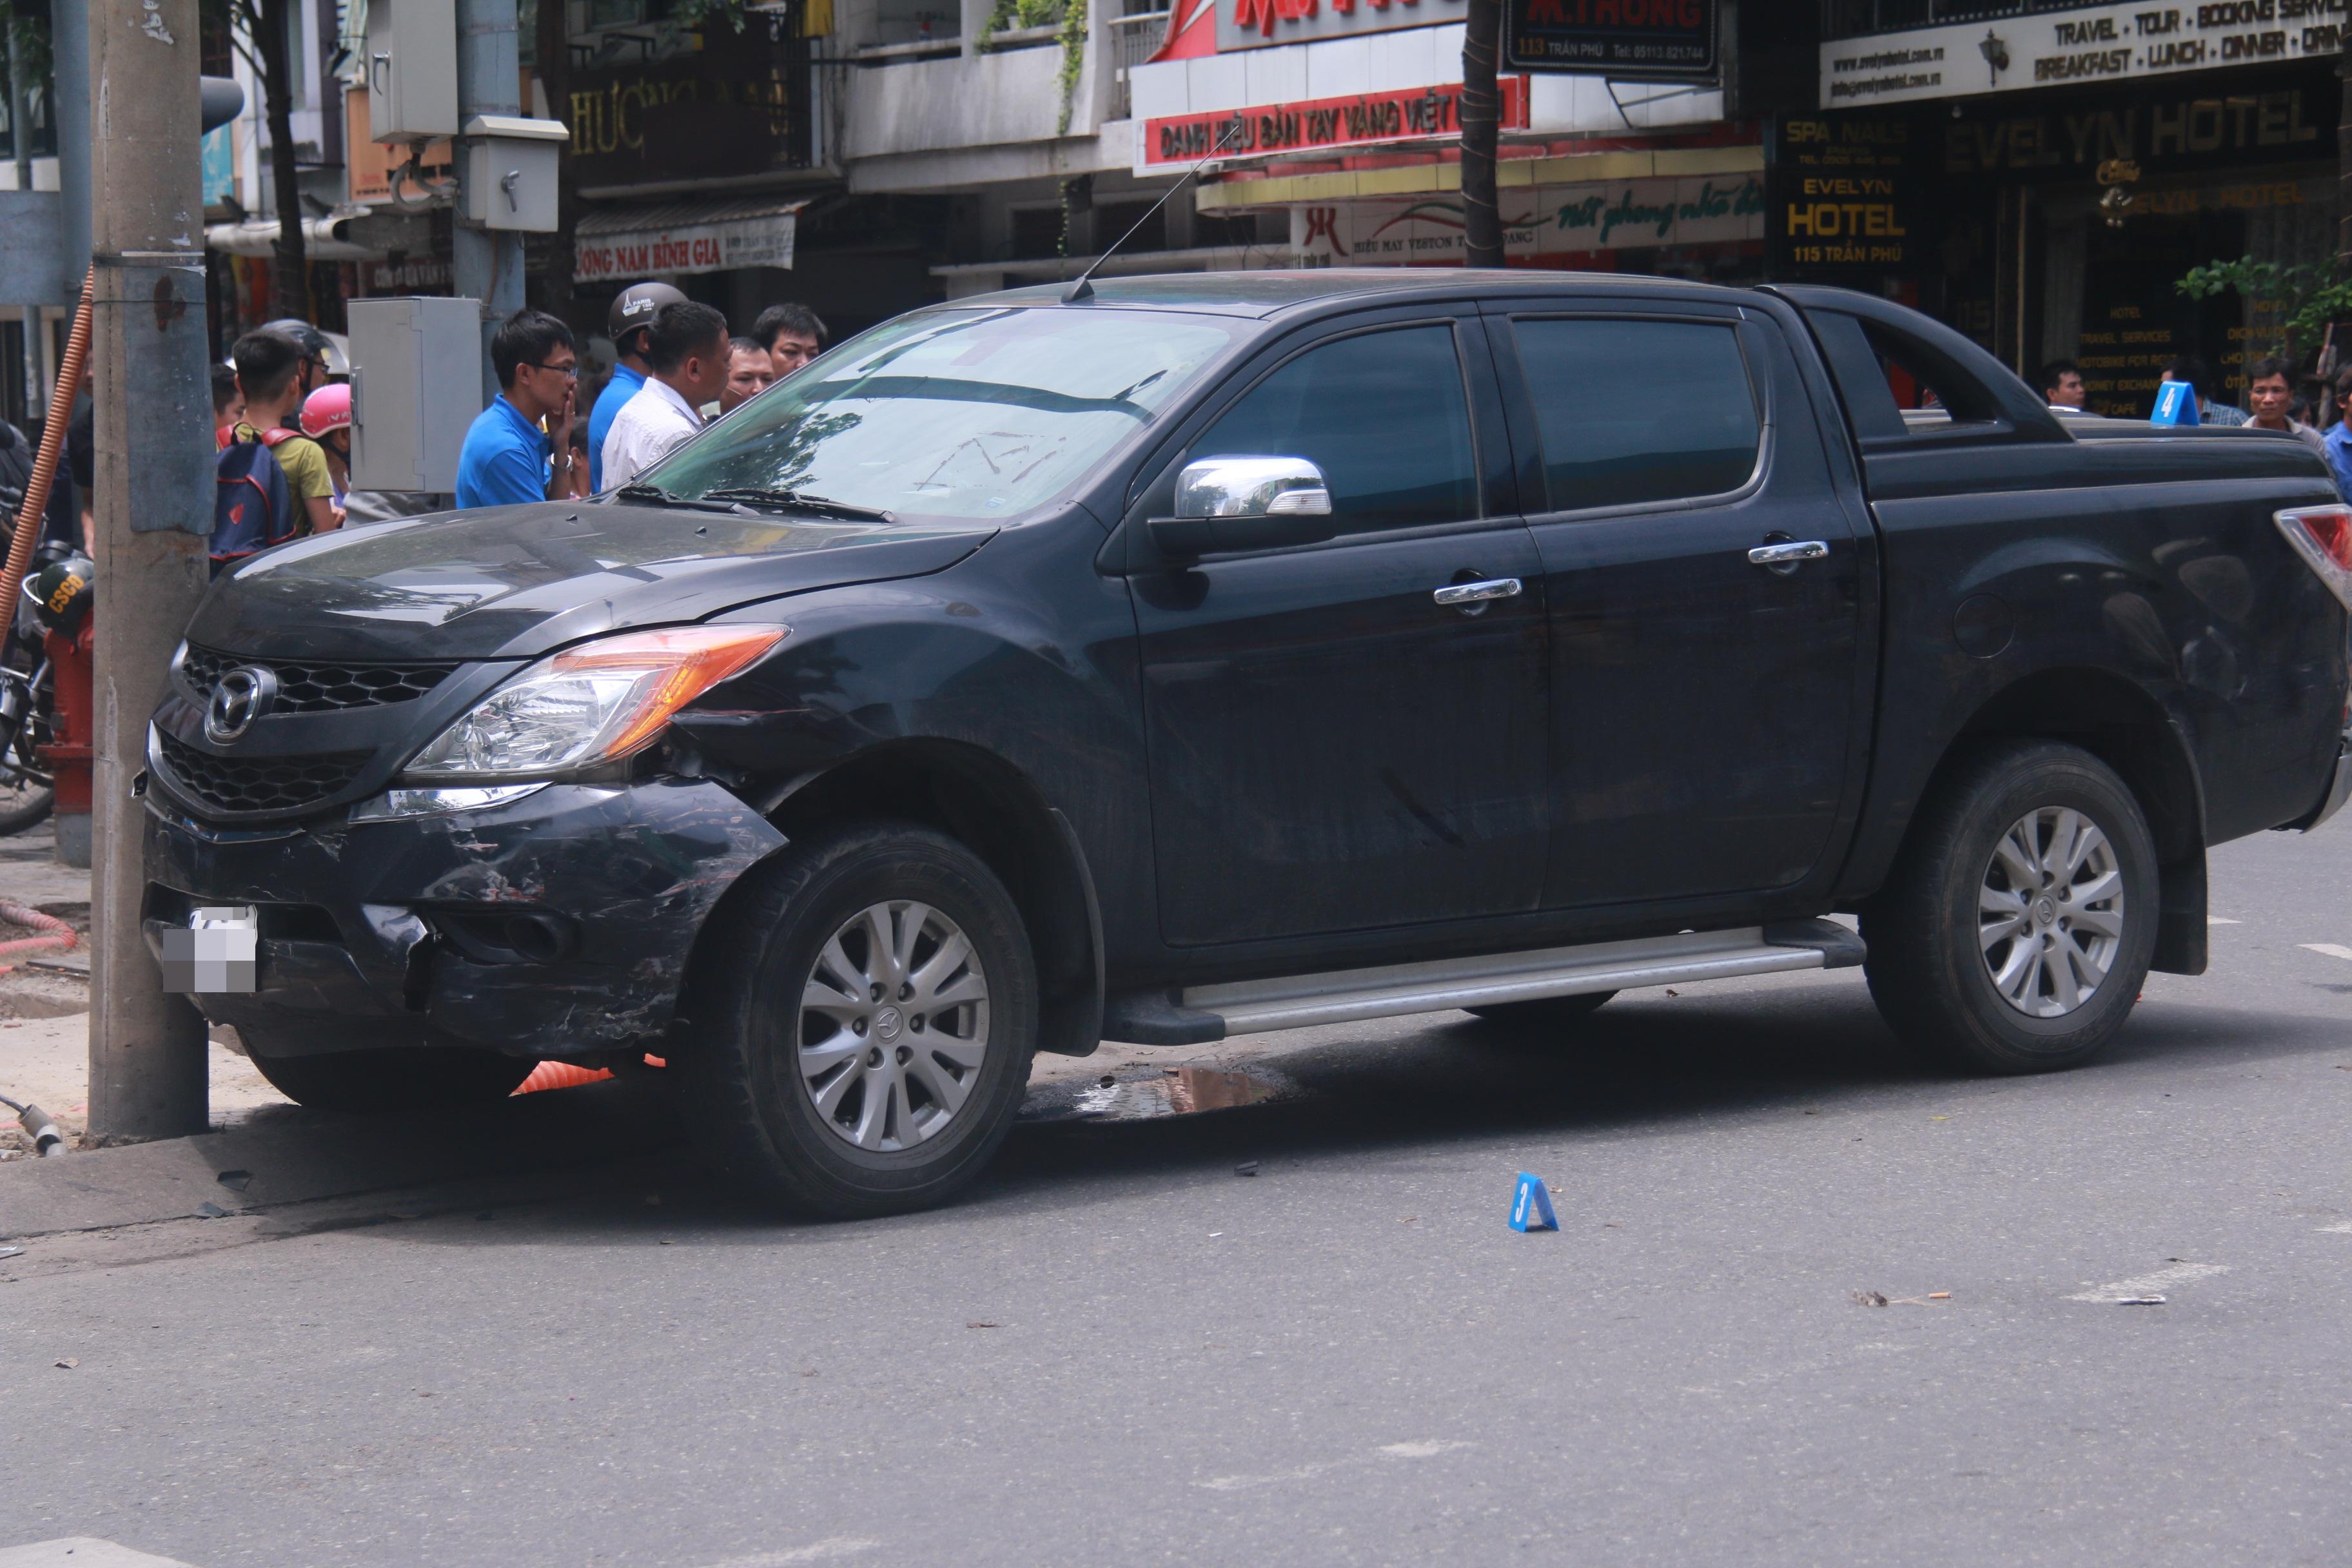 Tai nạn liên hoàn giữa trung tâm Đà Nẵng, 3 người thương vong - Ảnh 3.